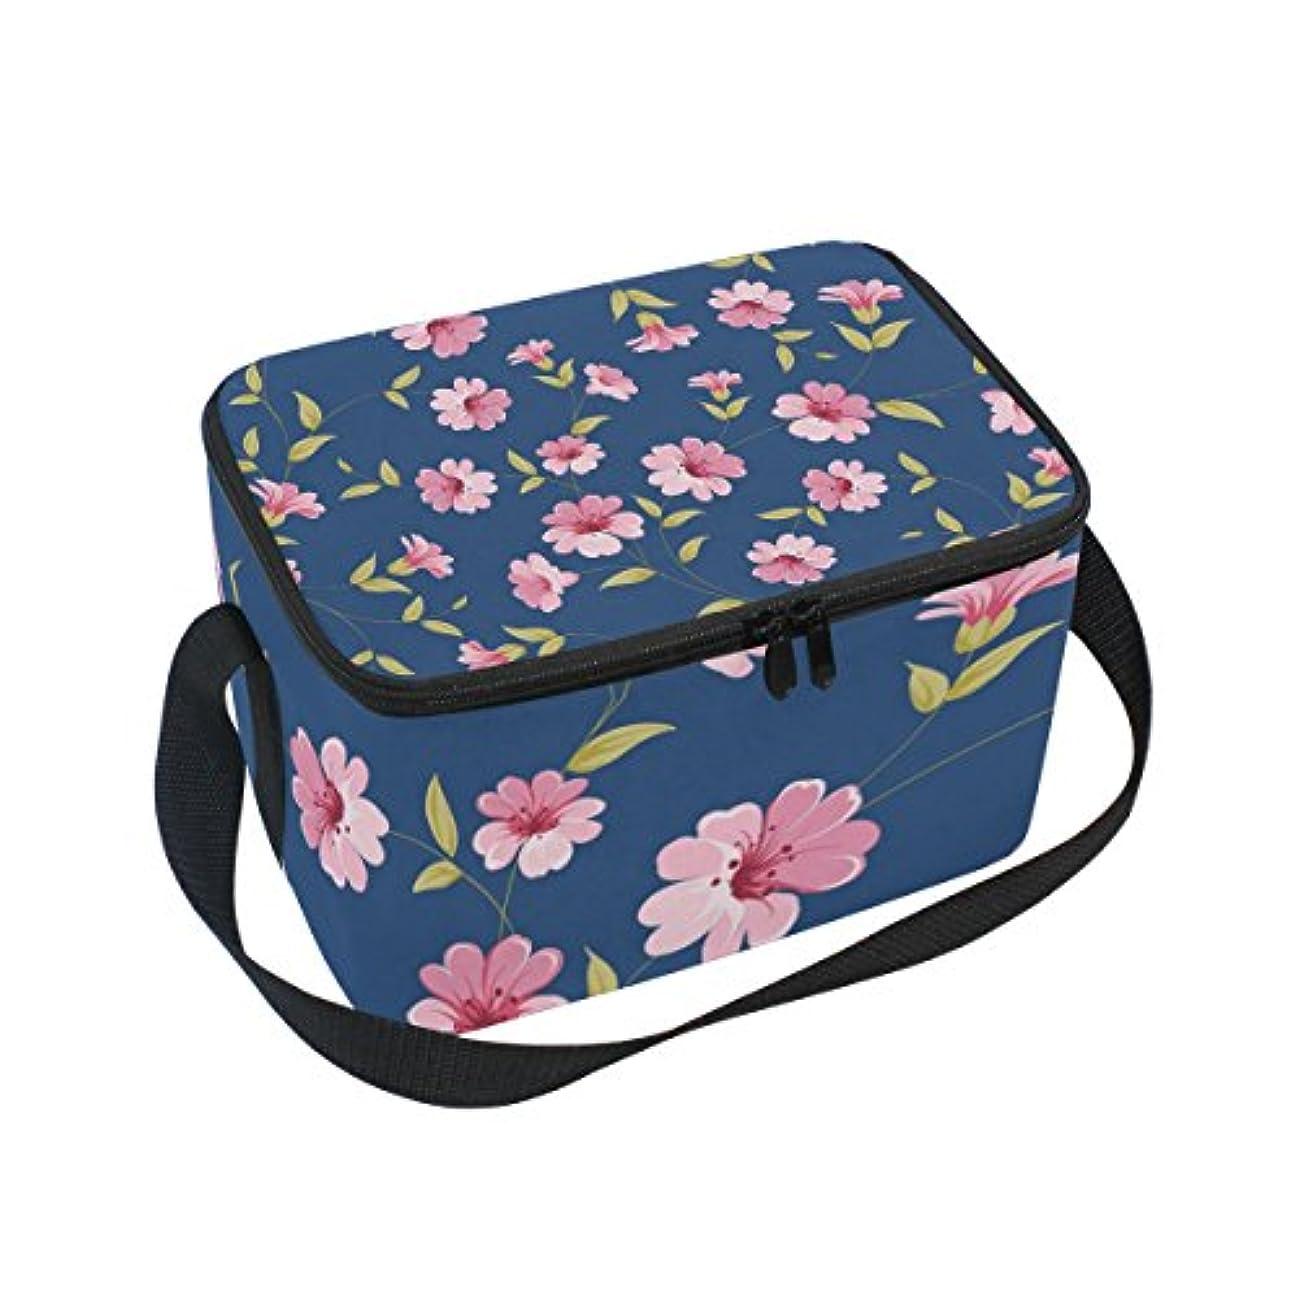 カイウス安価な畝間クーラーバッグ クーラーボックス ソフトクーラ 冷蔵ボックス キャンプ用品 ネイビー背景にピンク花 保冷保温 大容量 肩掛け お花見 アウトドア